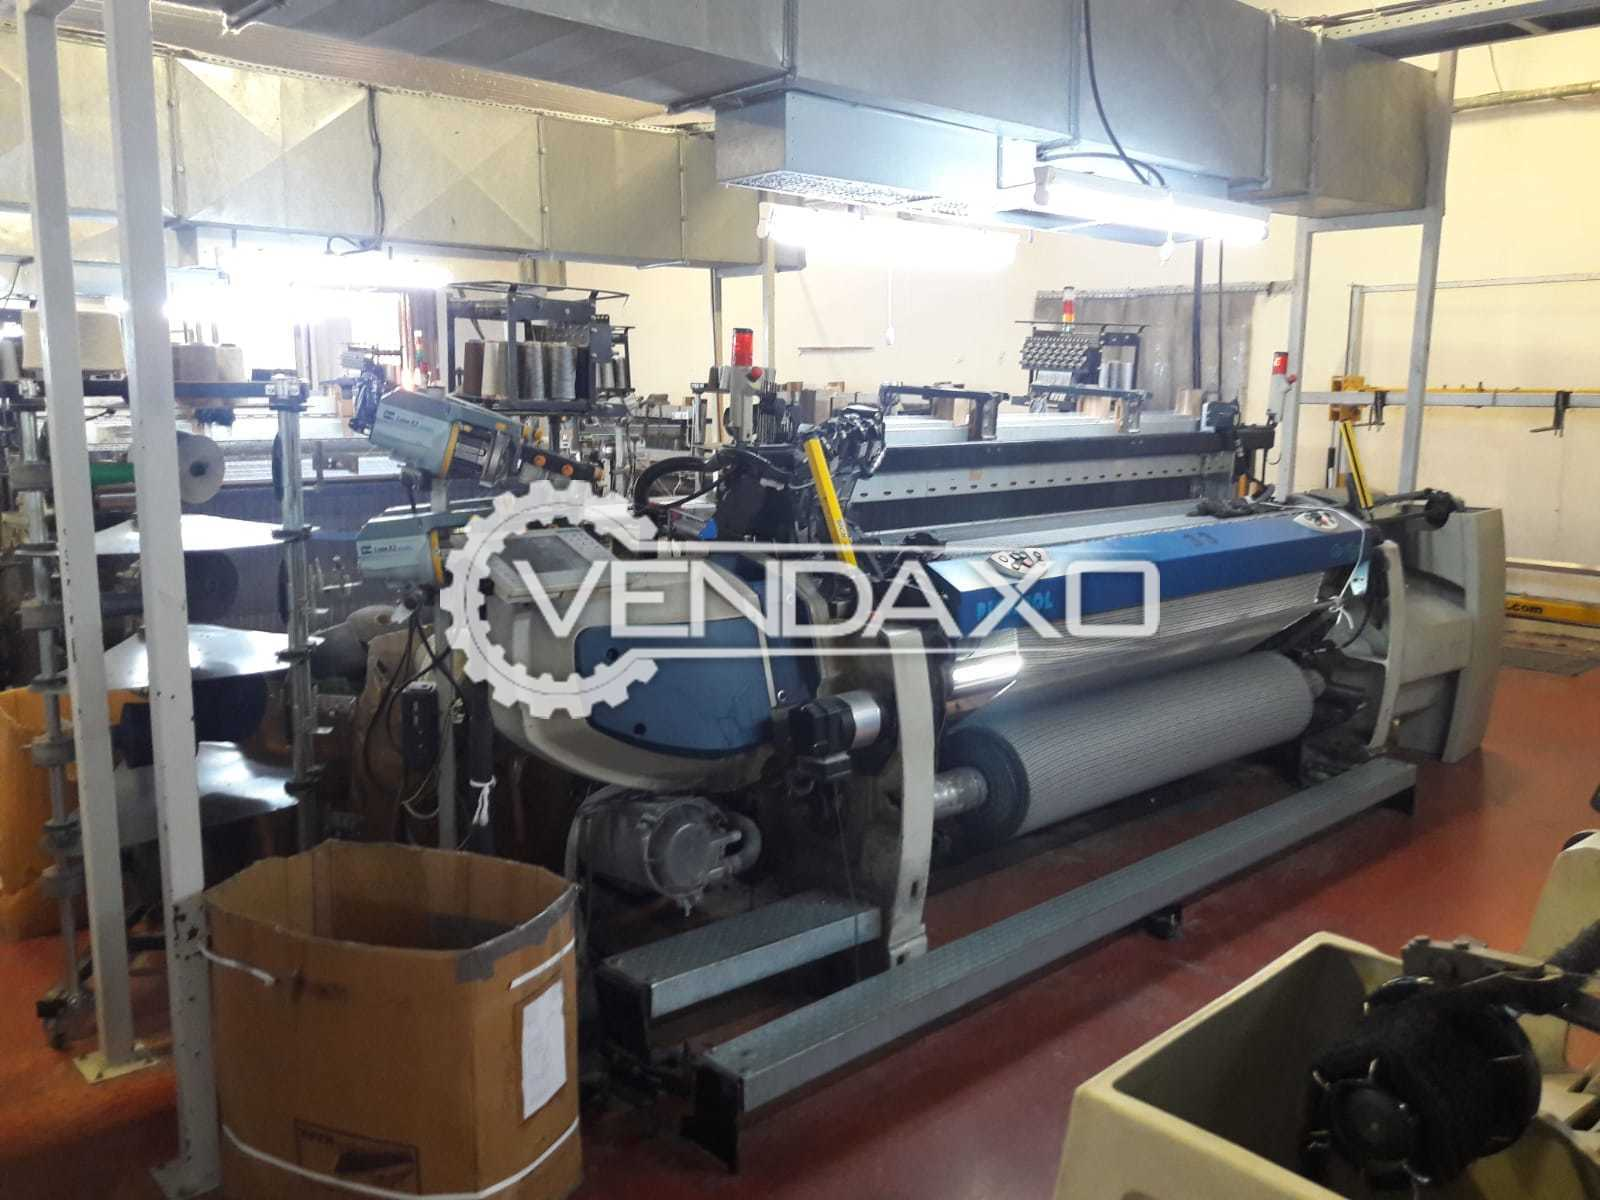 20 Set OF Picanol Optimax Dobby Weaving Machine - Width - 2.20 Meter